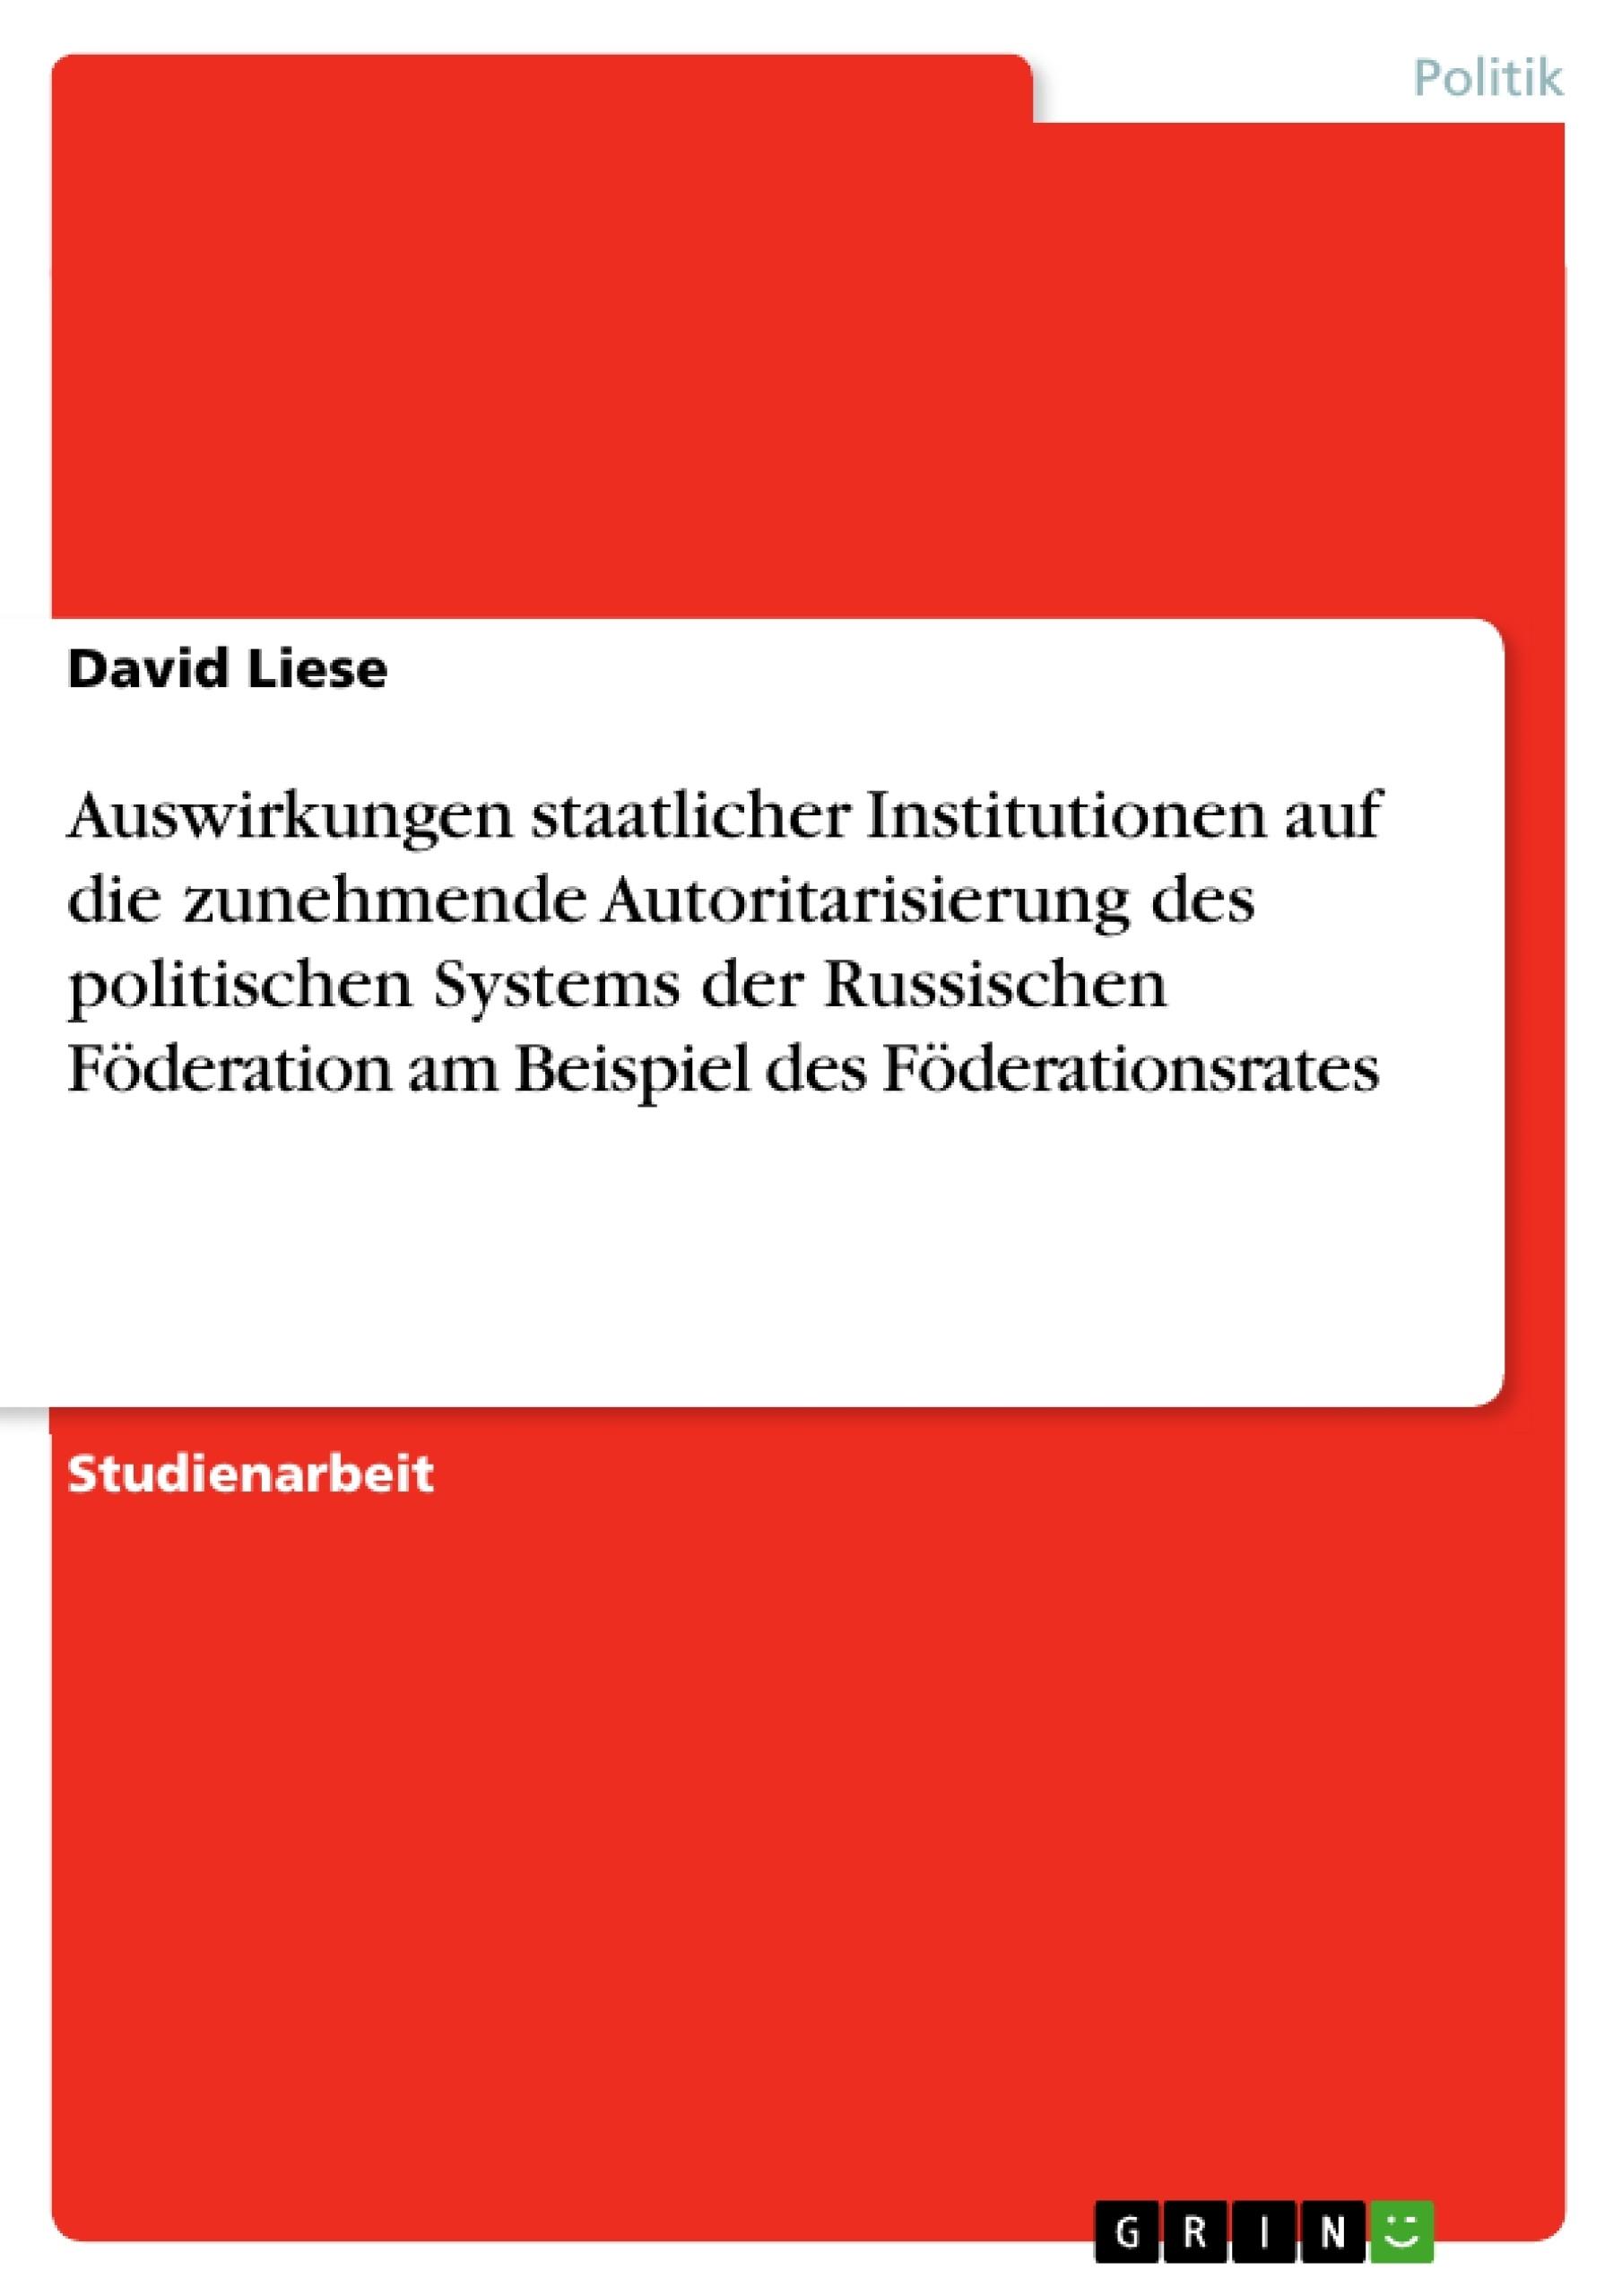 Titel: Auswirkungen staatlicher Institutionen auf die zunehmende Autoritarisierung des politischen Systems der Russischen Föderation am Beispiel des Föderationsrates